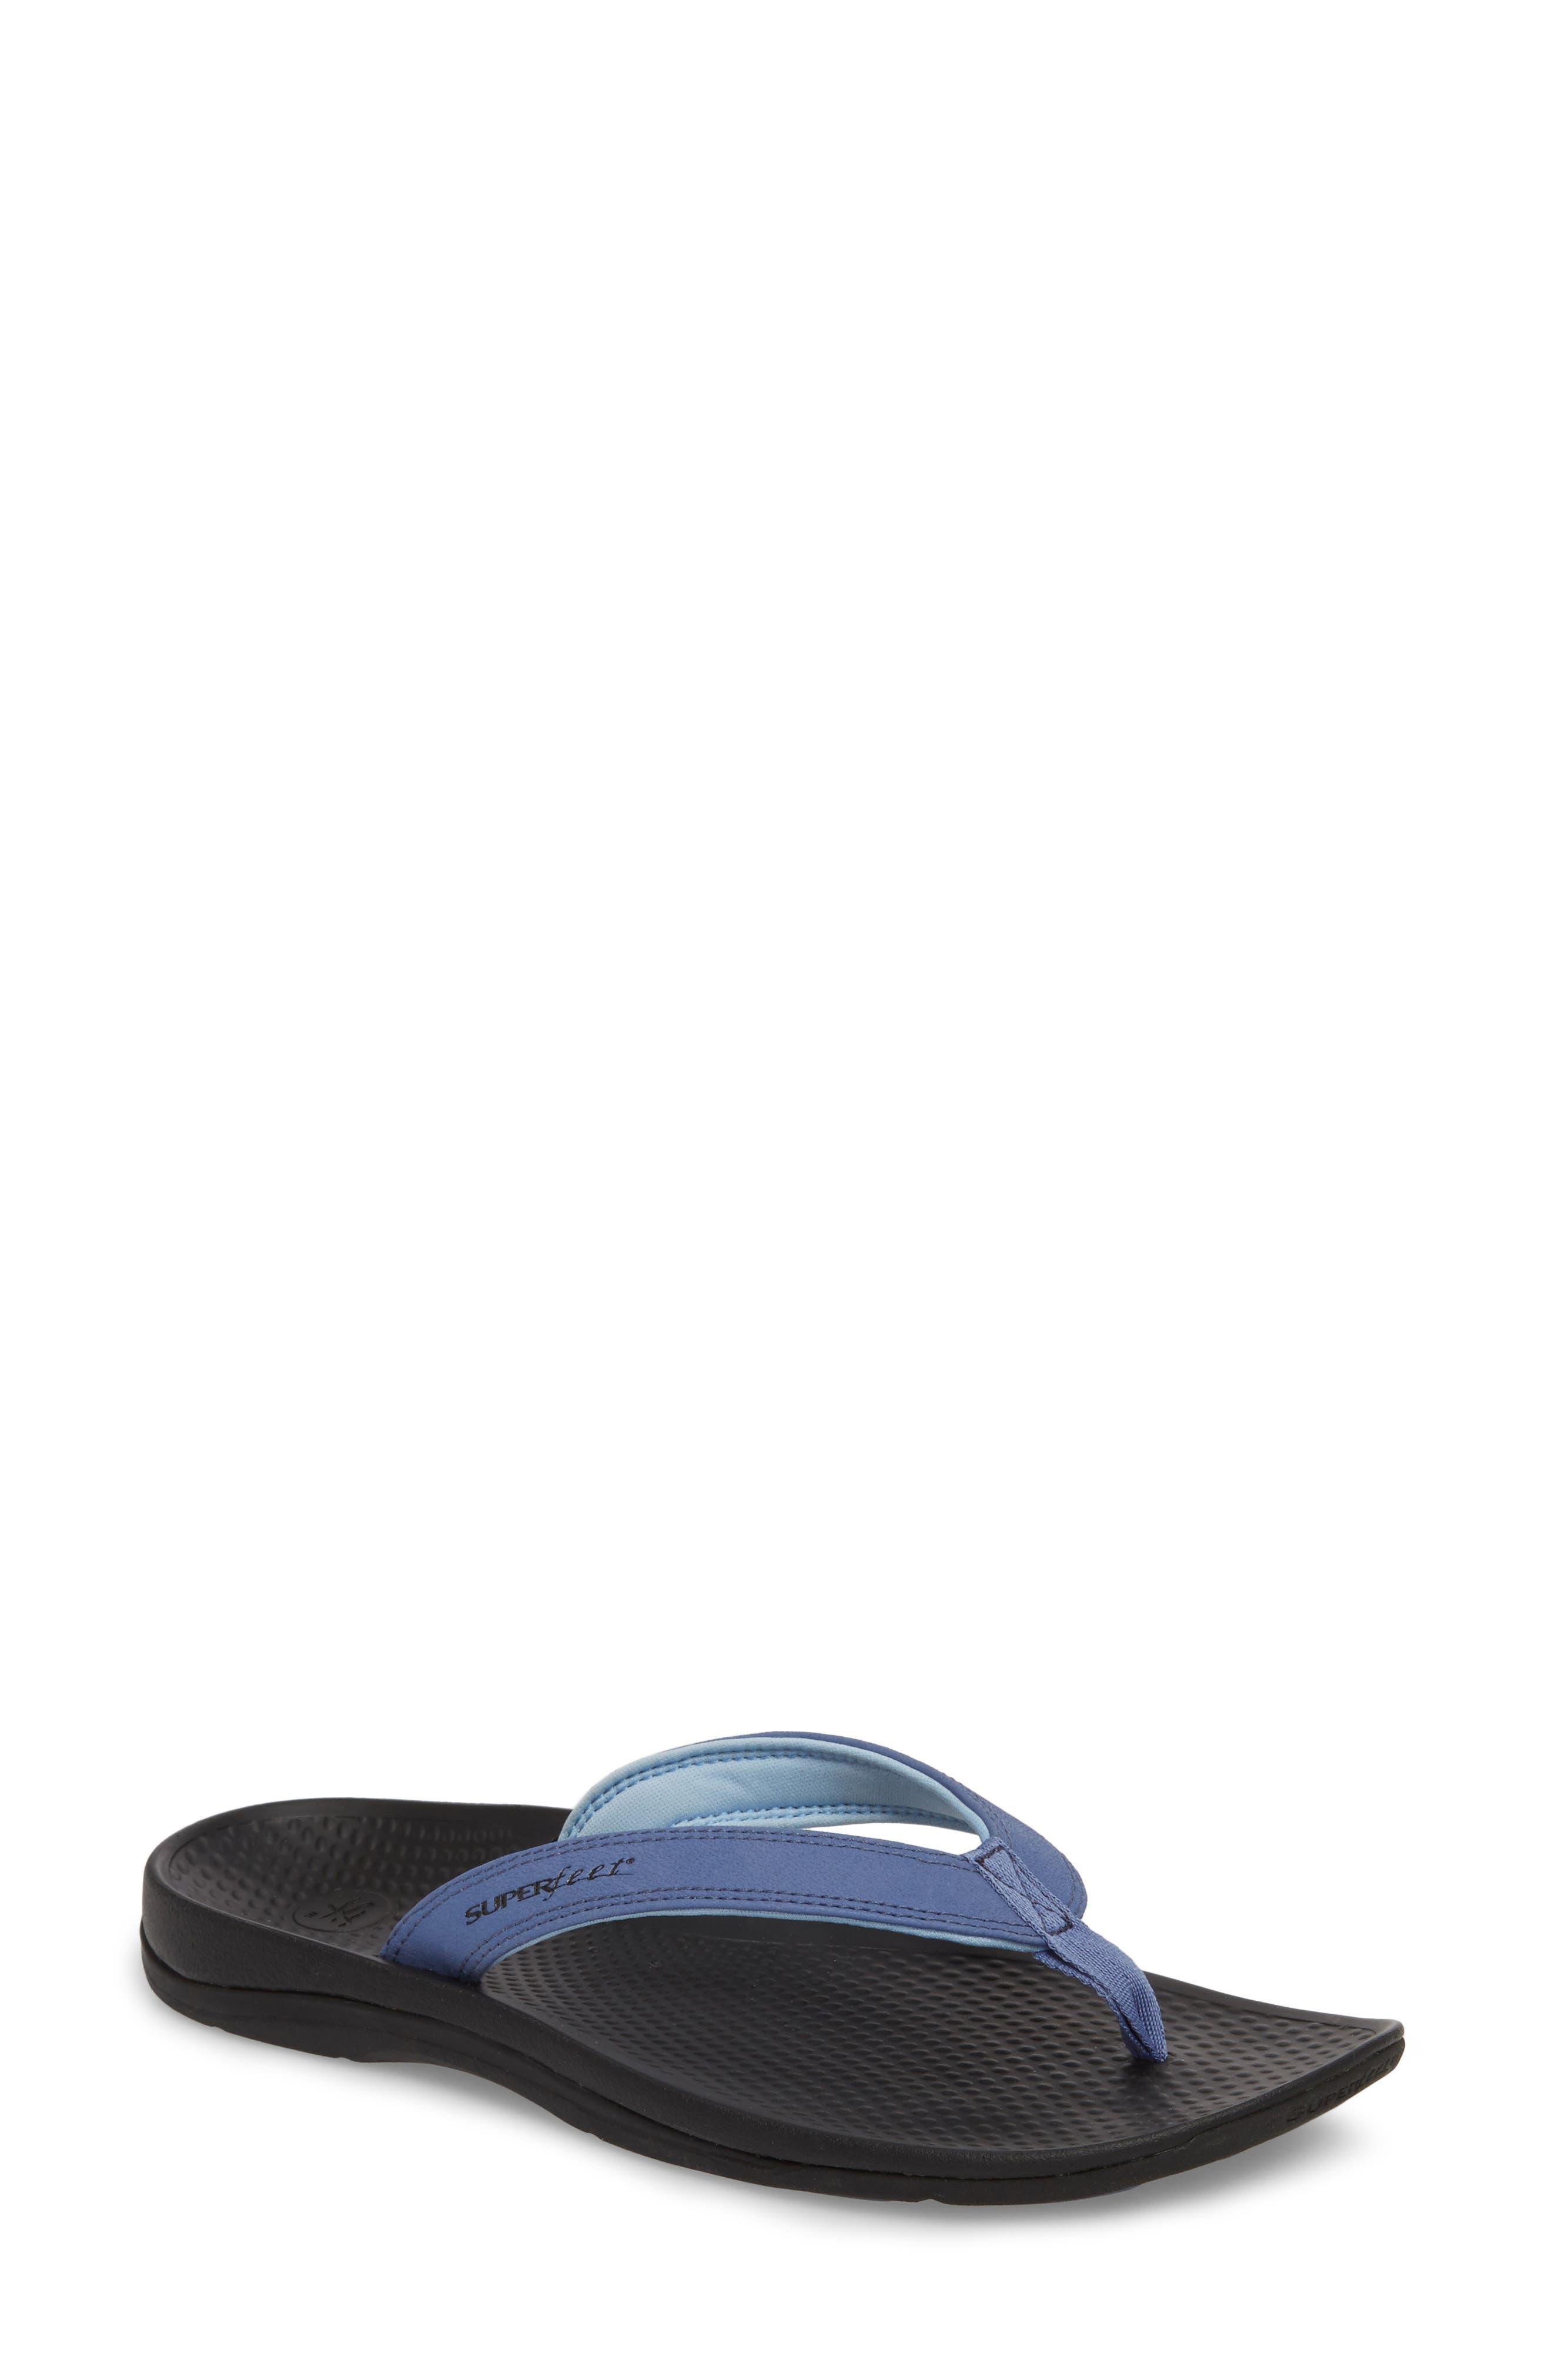 Outside 2.0 Flip Flop,                             Main thumbnail 1, color,                             BLUE FAUX LEATHER